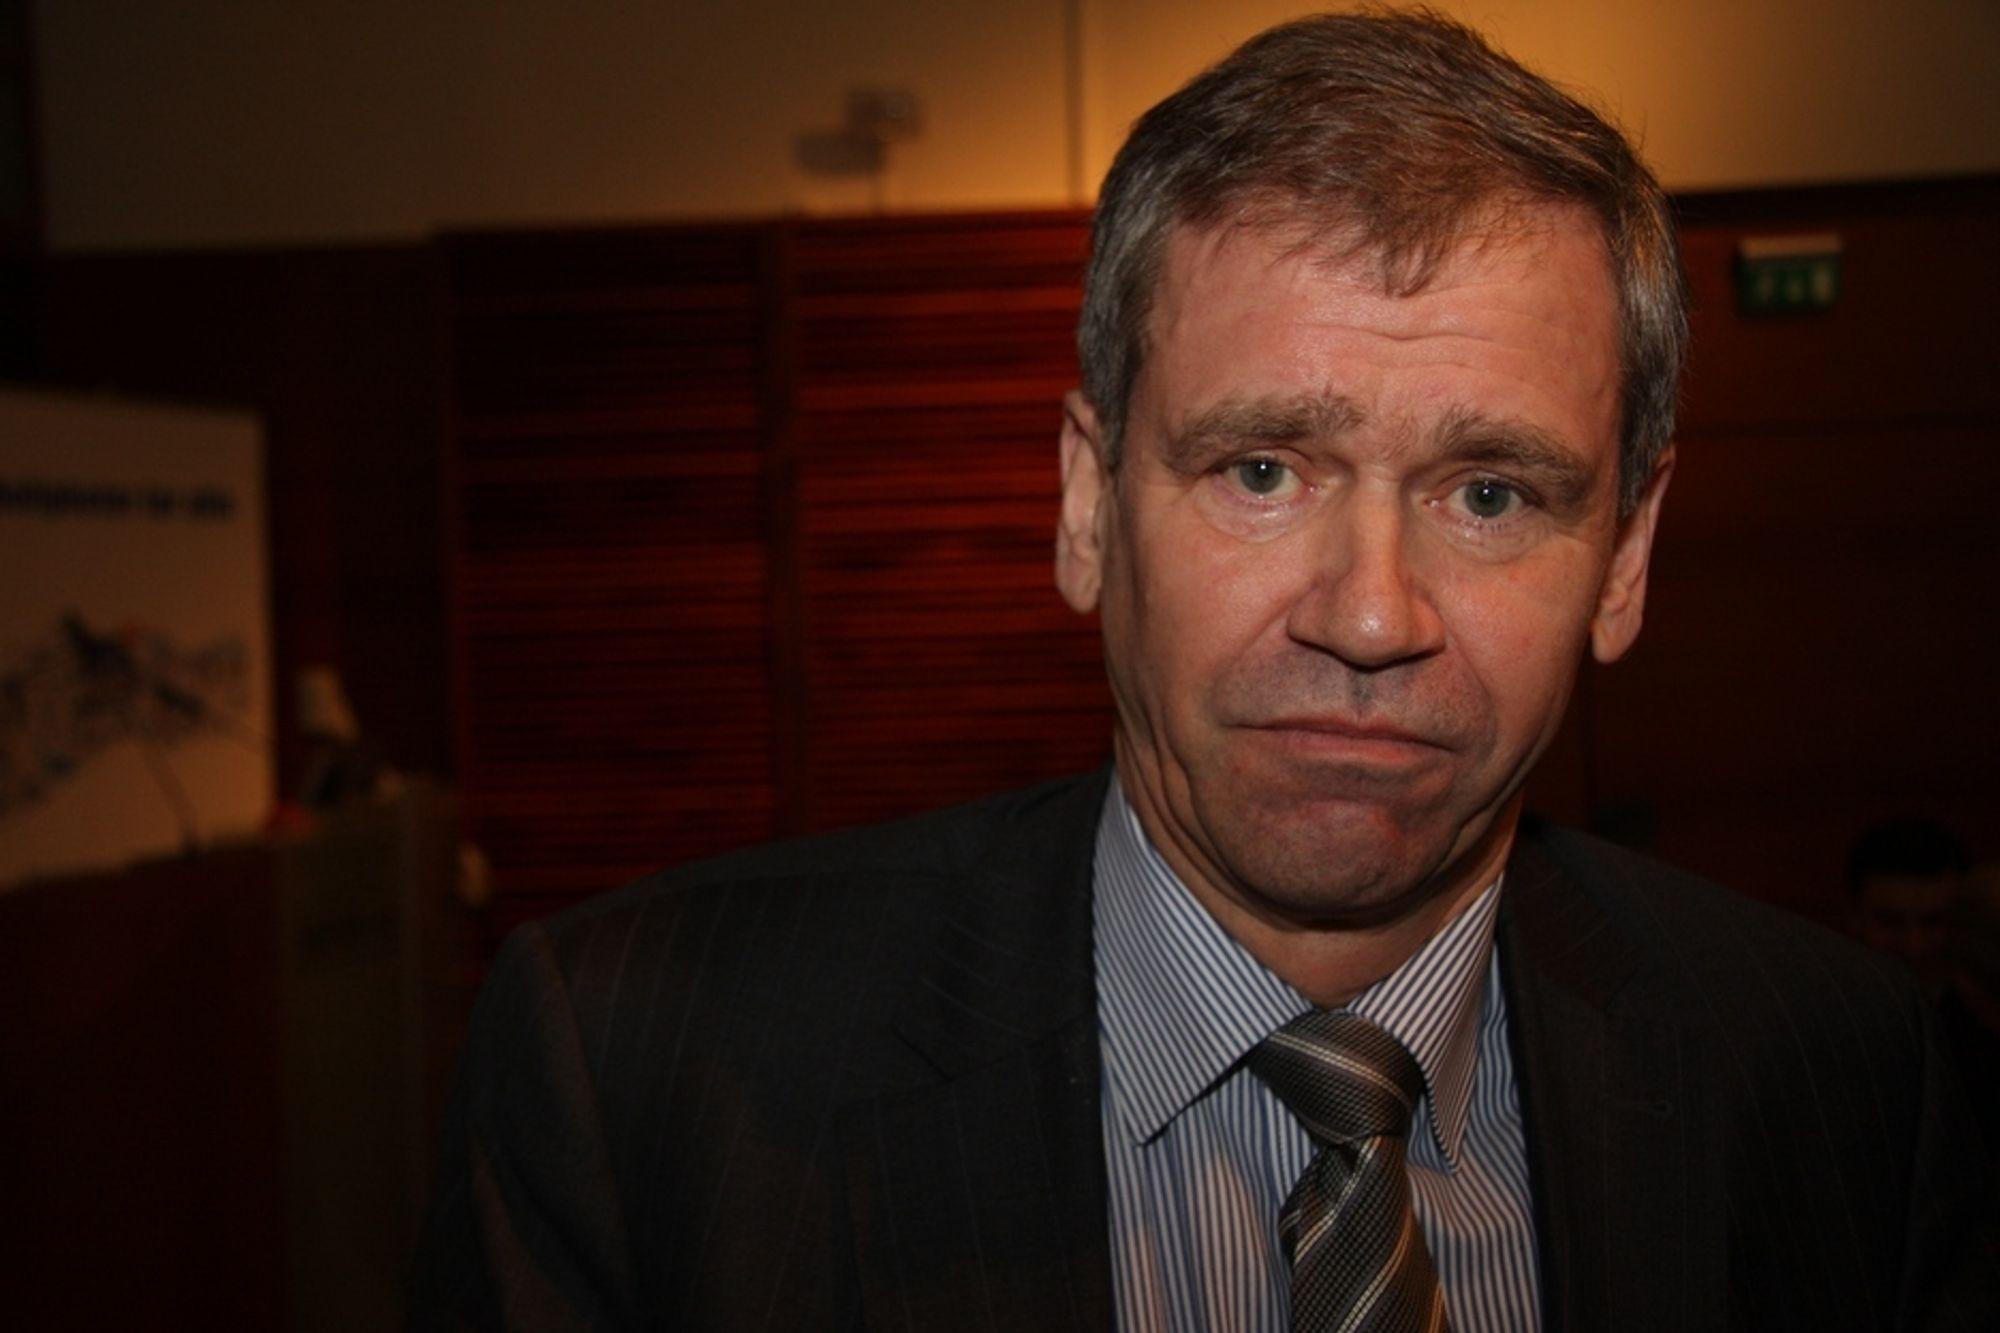 UTBYTTE: NSB-sjef Einar Enger er rammet av regjeringens tørst etter utbytte. Han får ikke beholde pengene til oppgradering av nedslitt materiell.